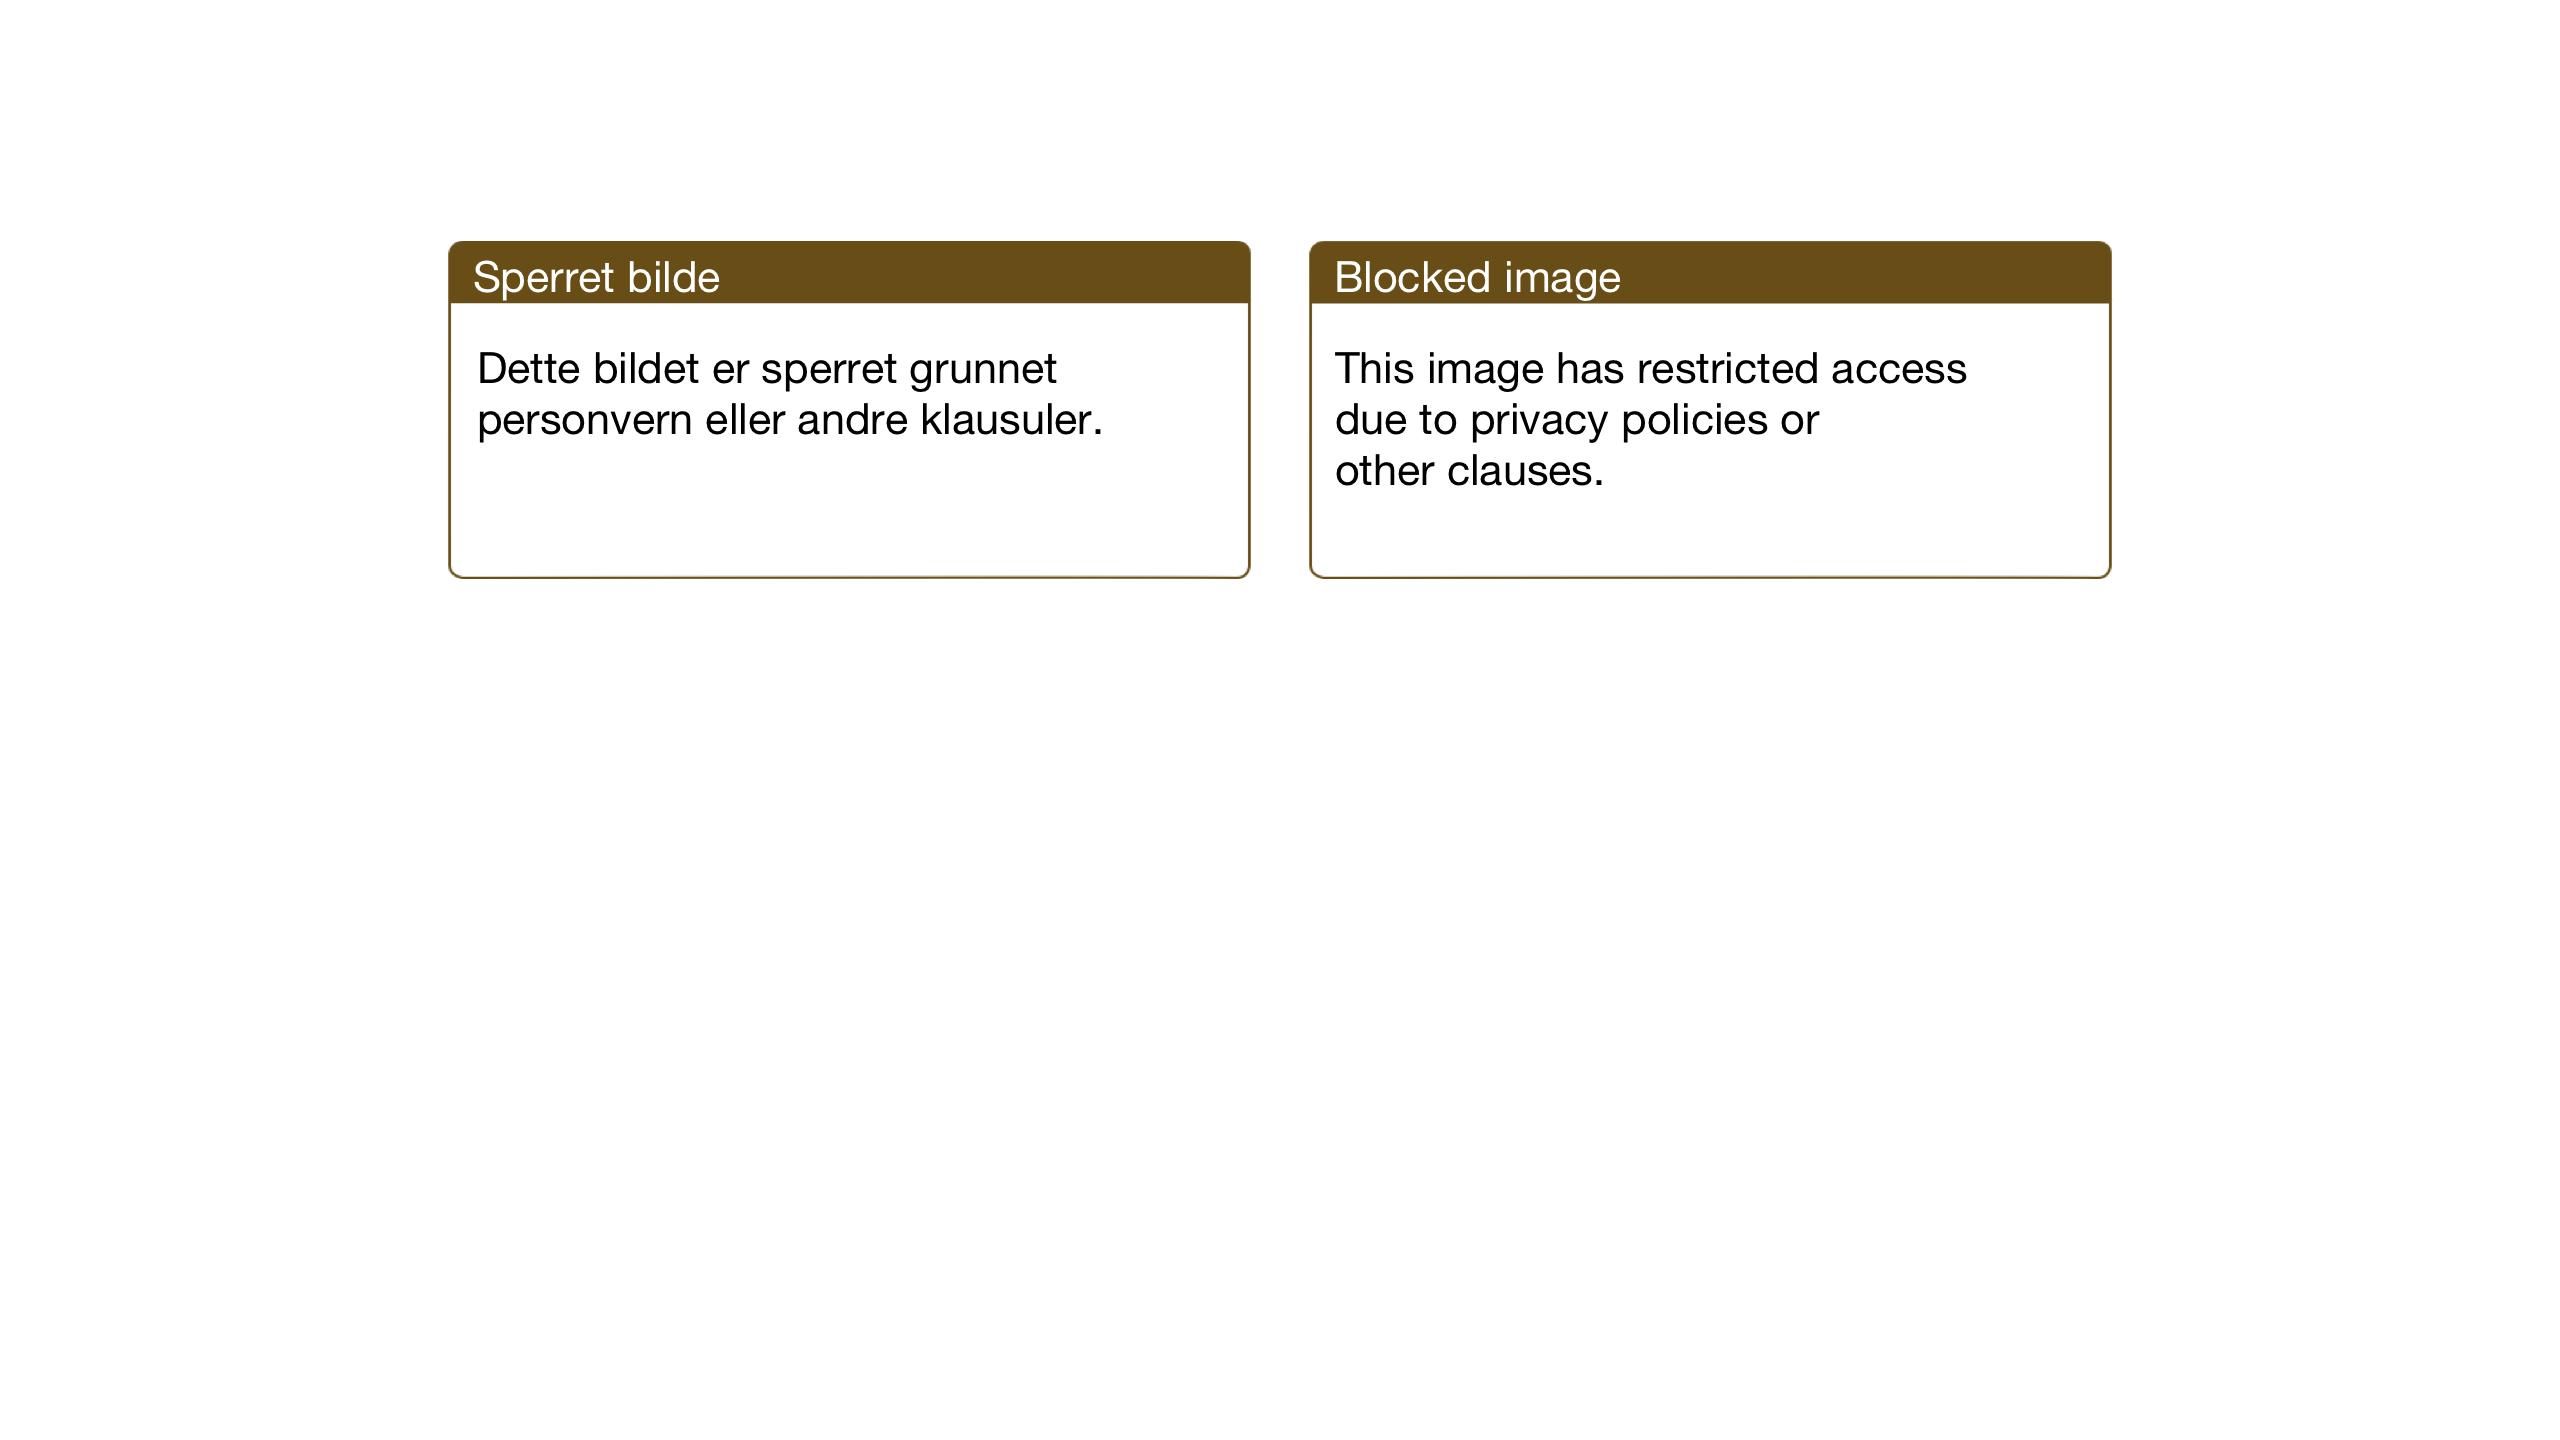 SAT, Ministerialprotokoller, klokkerbøker og fødselsregistre - Nord-Trøndelag, 733/L0328: Klokkerbok nr. 733C03, 1919-1966, s. 102